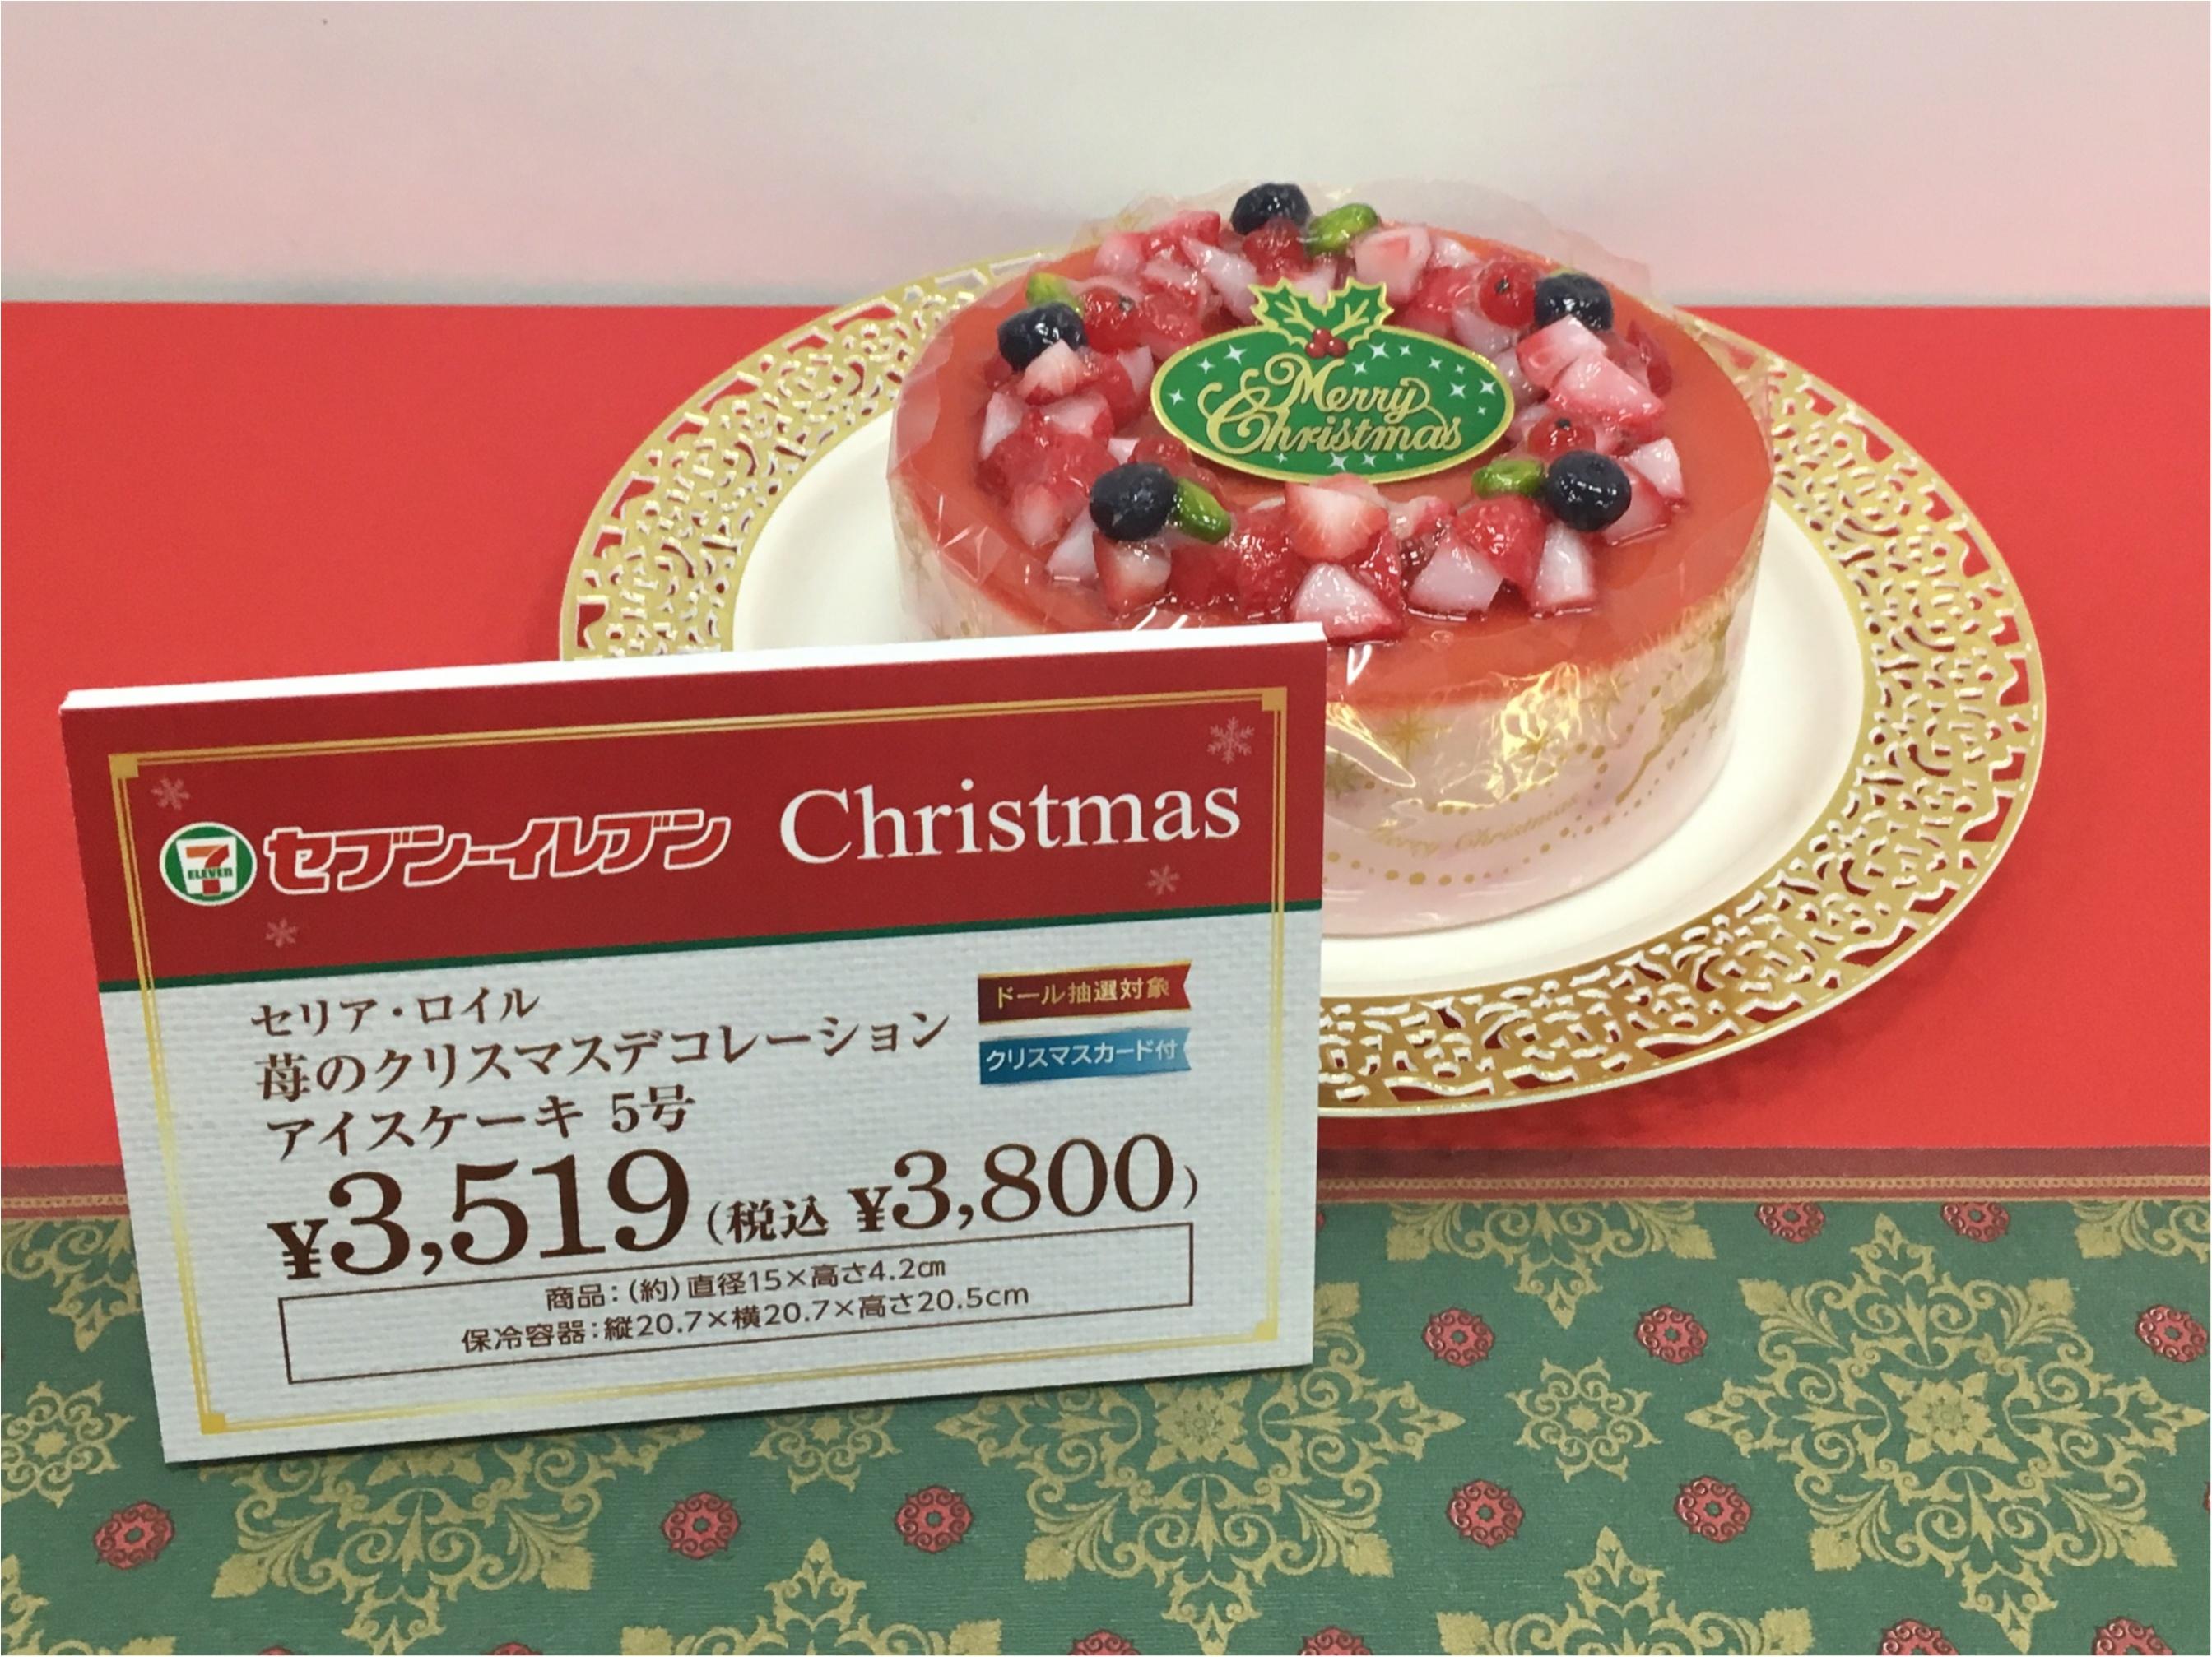 【セブンイレブン】いよいよクリスマス!ケーキどうする?試食会レポート_11